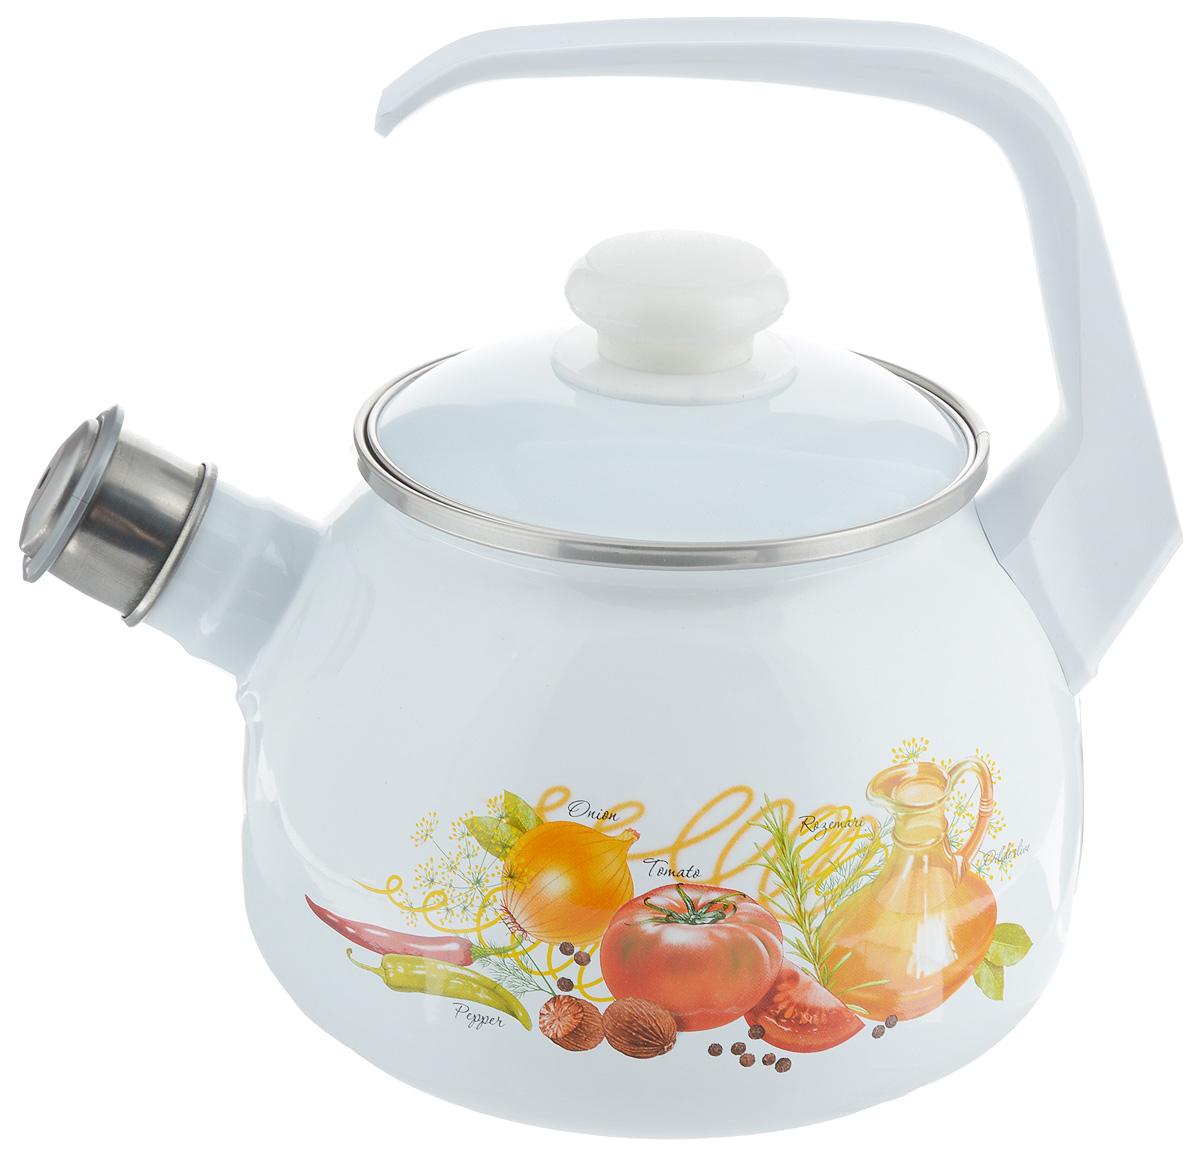 Чайник эмалированный Лысьвенские эмали Итальянская кухня, со свистком, 2,5 лС-2711АП/4Чайник Лысьвенские эмали Итальянская кухня выполнен из высококачественной стали, покрытой эмалью. Такое покрытие защищает сталь от коррозии, придает посуде гладкую стекловидную поверхность и надежно защищает от кислот и щелочей. Носик чайника оснащен свистком, звуковой сигнал которого подскажет, когда закипит вода. Чайник оснащен фиксированной ручкой из пластика и крышкой, которая плотно прилегает к краю. Внешние стенки декорированы красочным изображением овощей. Эстетичный и функциональный чайник будет оригинально смотреться в любом интерьере. Подходит для газовых, электрических, стеклокерамических и индукционных плит. Можно мыть в посудомоечной машине. Диаметр (по верхнему краю): 13,5 см.Высота чайника (с учетом ручки): 23 см.Высота чайника (без учета ручки и крышки): 14 см.